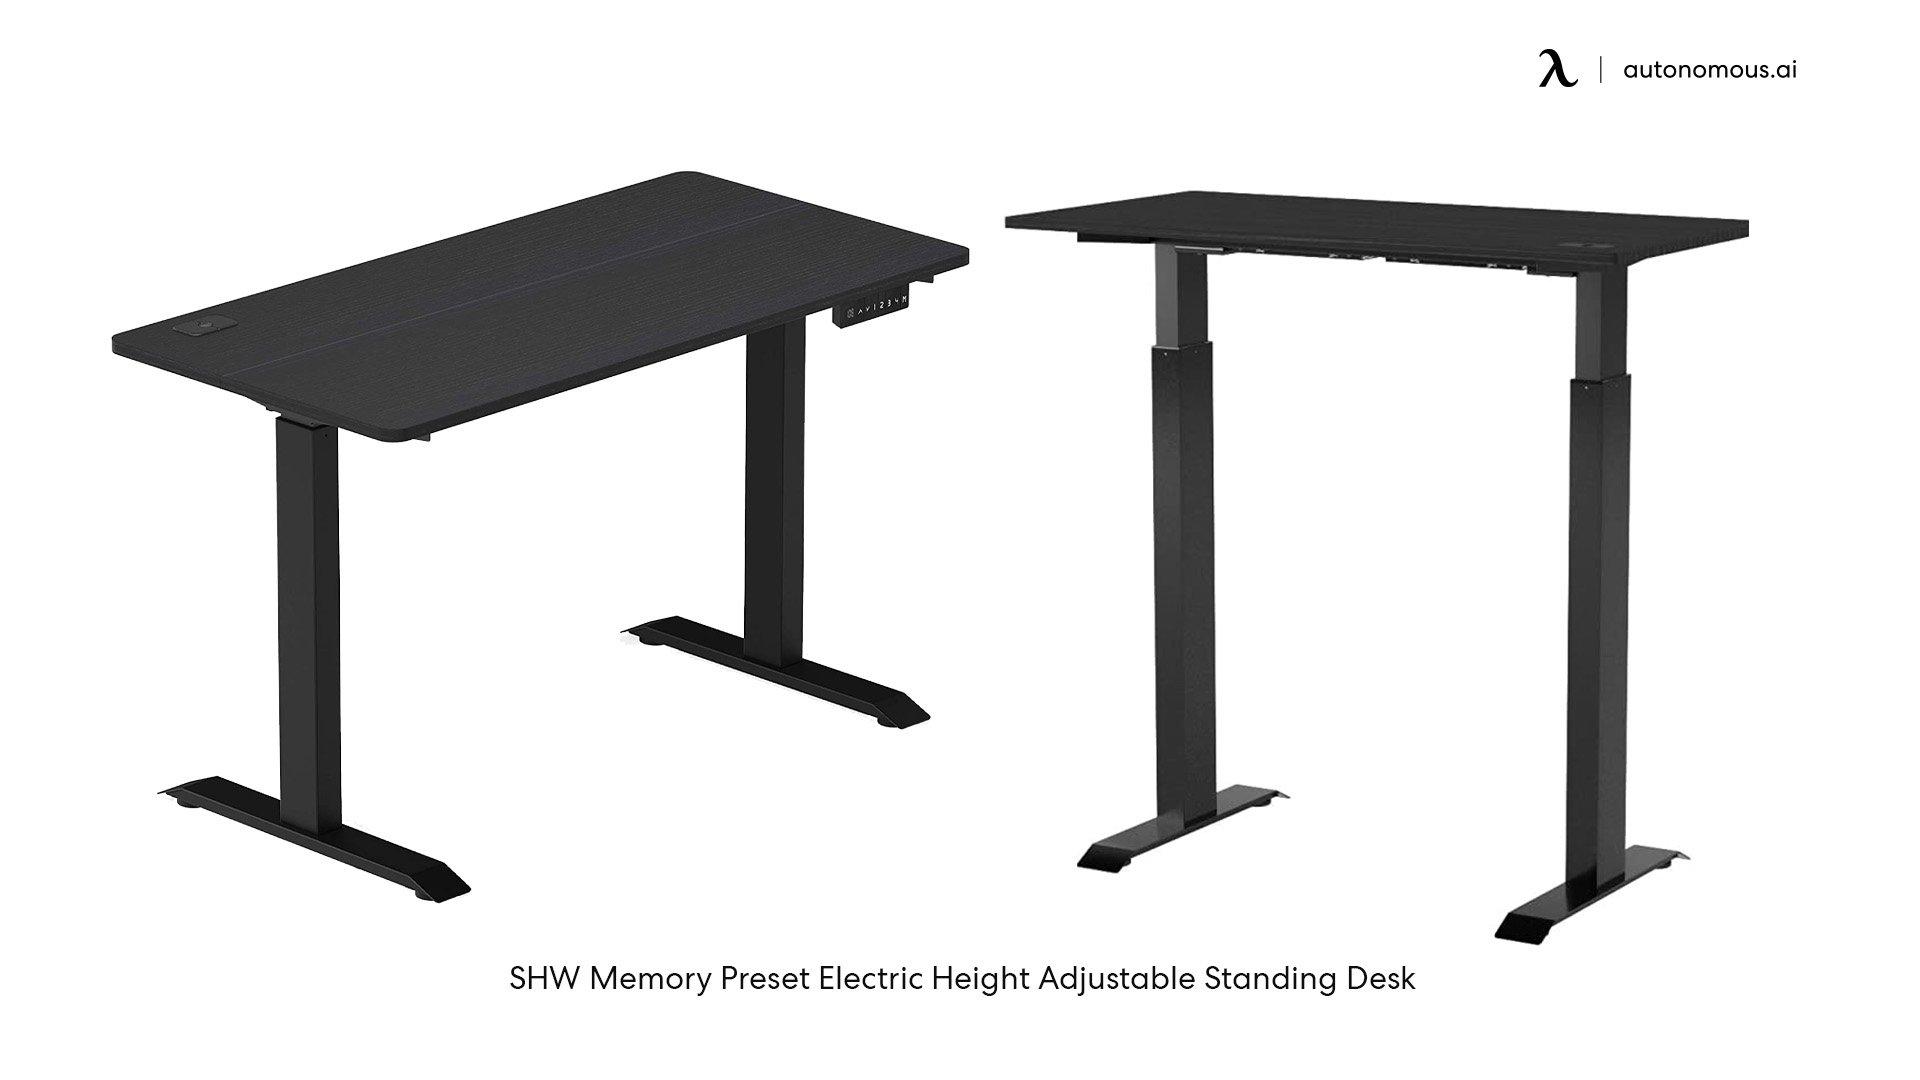 SHW Memory Preset home office desk